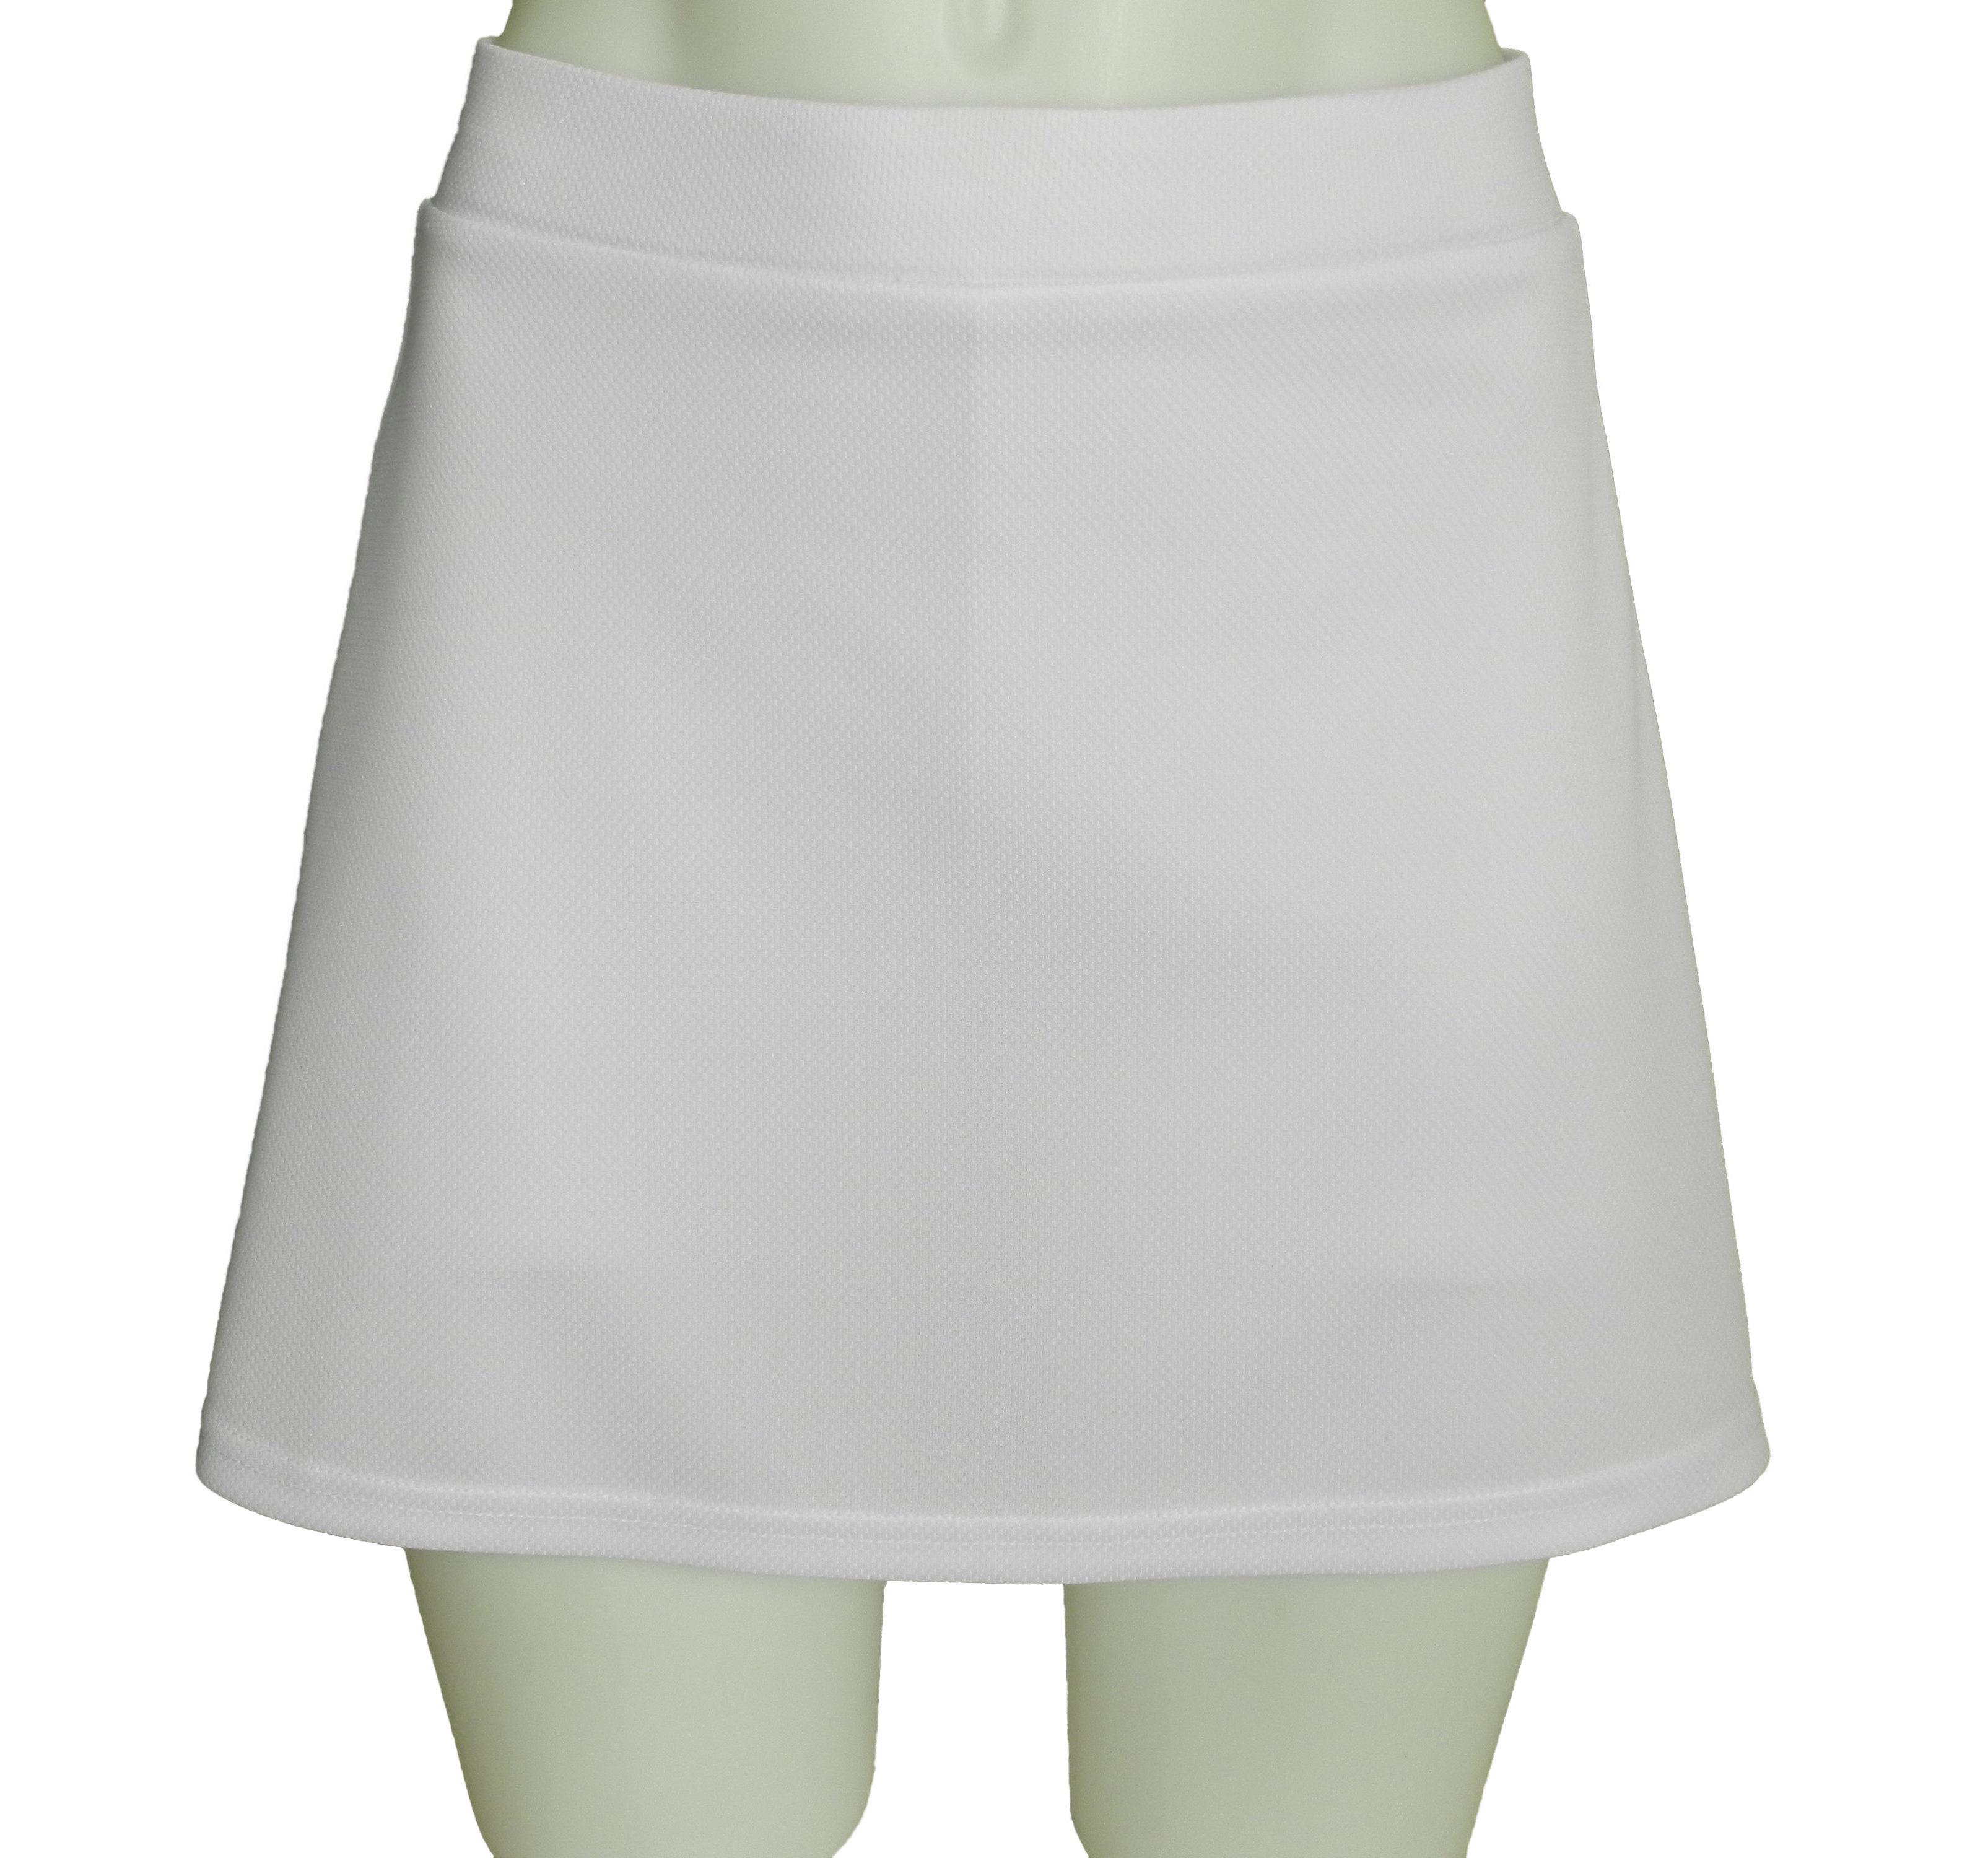 c5be71cd0 WHITE UMPIRE SKORT (skirt) – Sydney Netball Shop